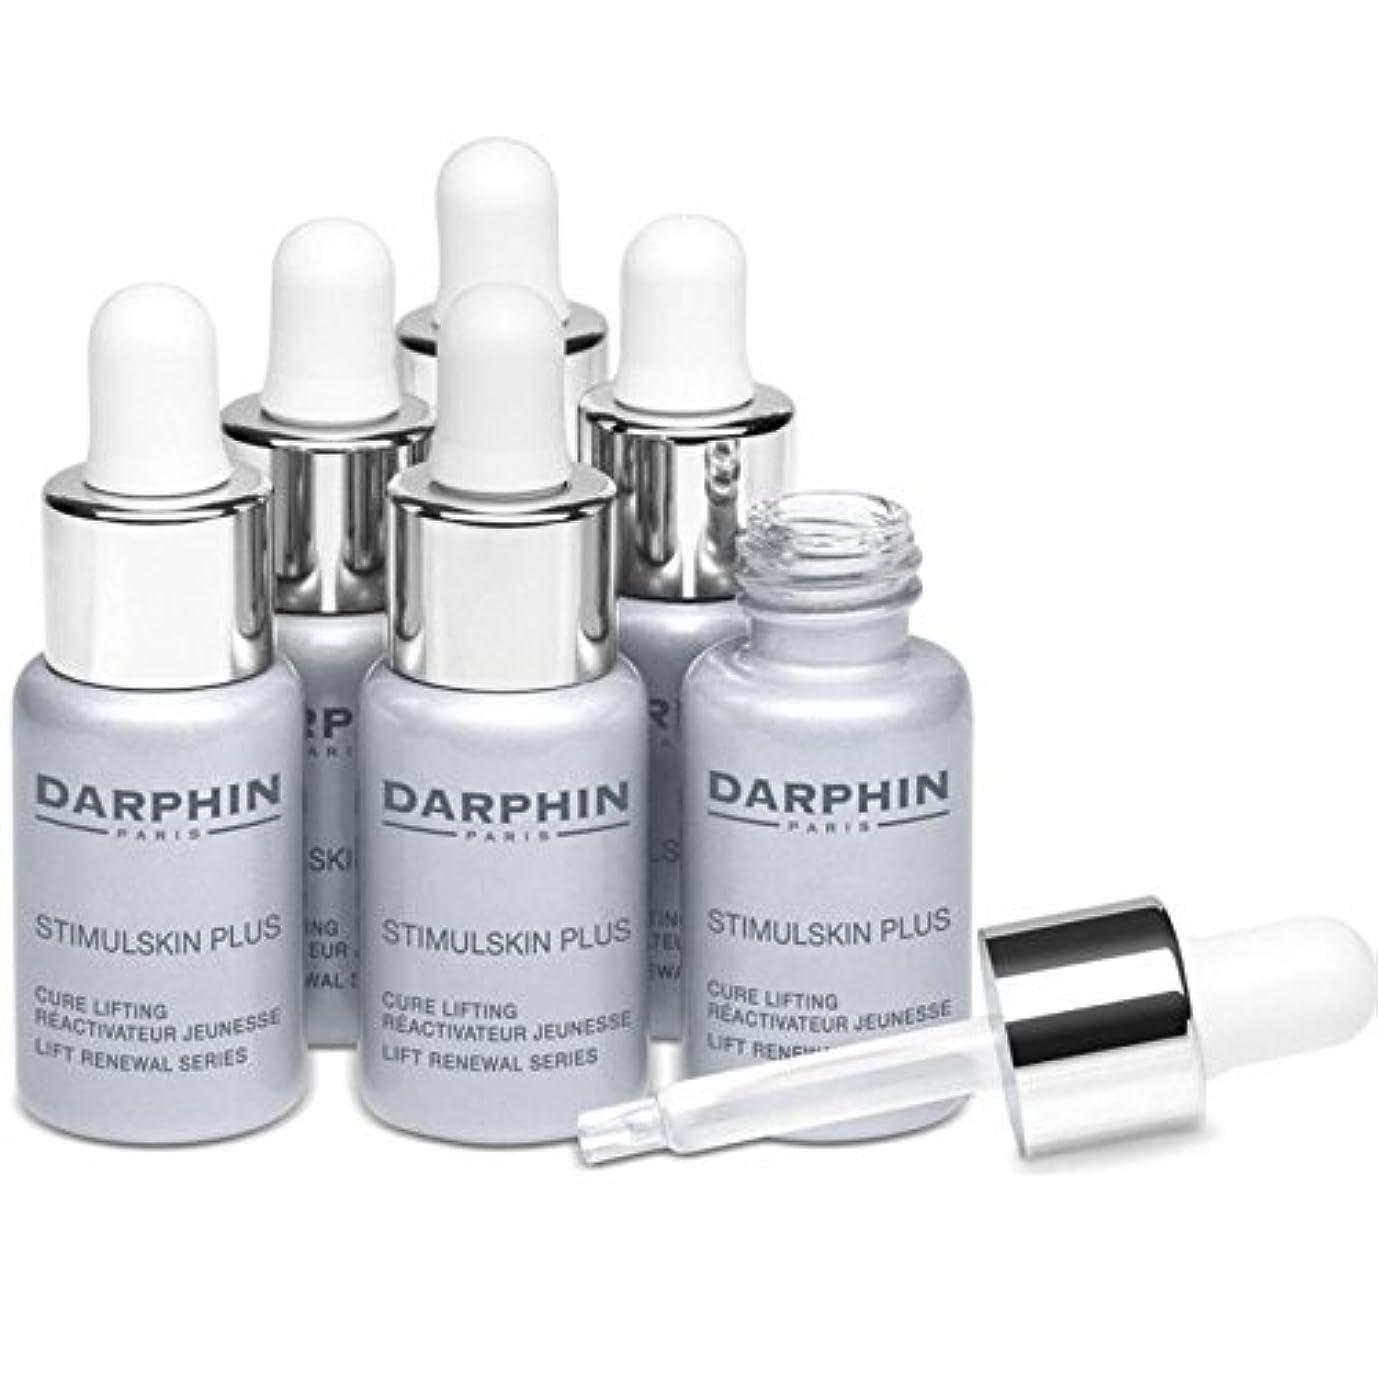 懲戒路地鏡Darphin Stimulskin Plus Lift Renewal Series (Pack of 6) - ダルファンスティプラスリフトリニューアルシリーズ x6 [並行輸入品]